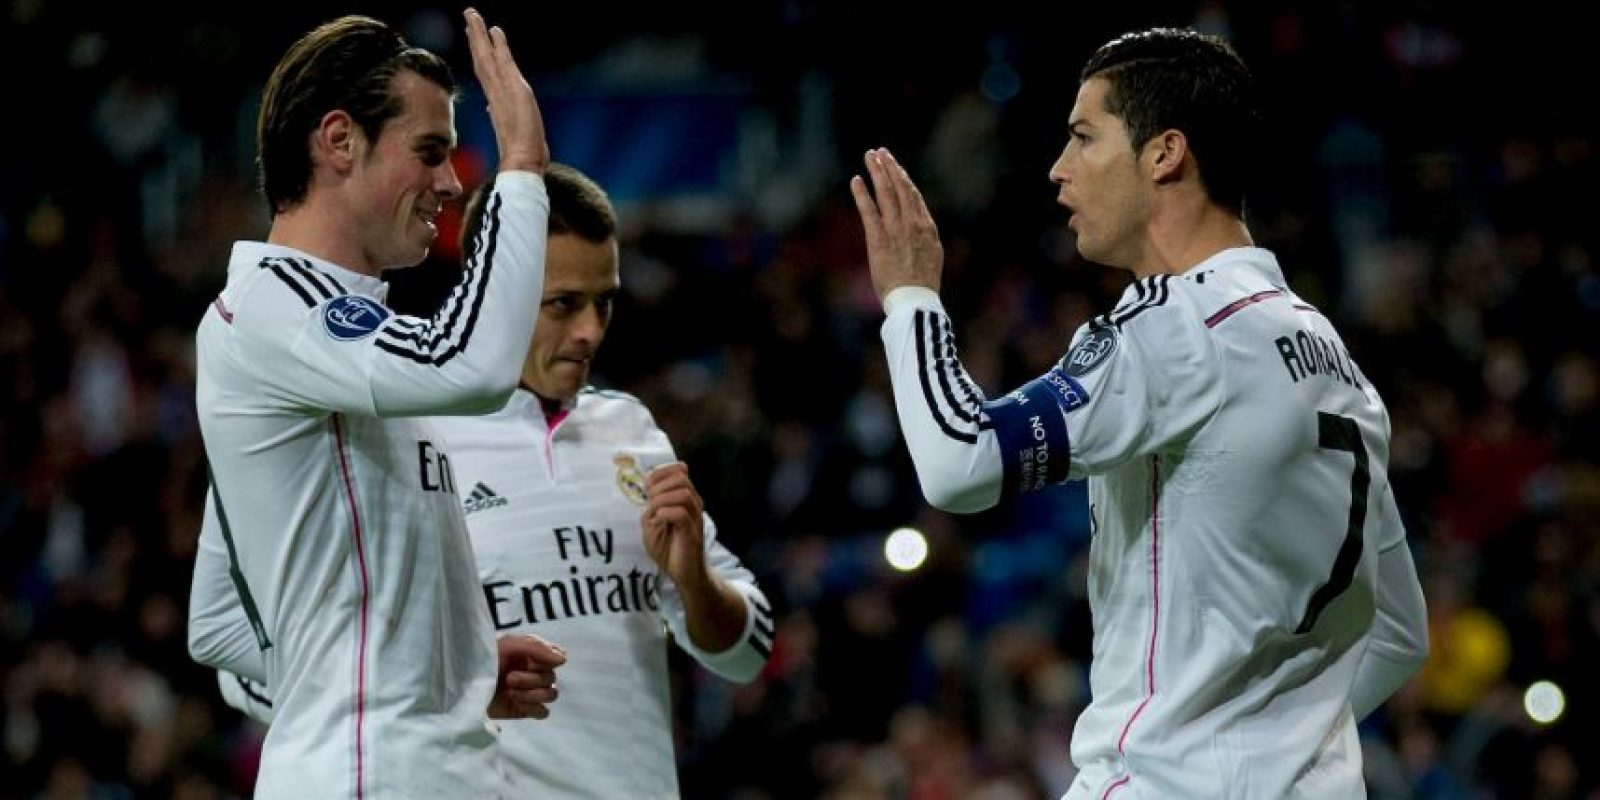 La estrella del Real Madrid también tiene definida esa parte de su cuerpo Foto:Getty